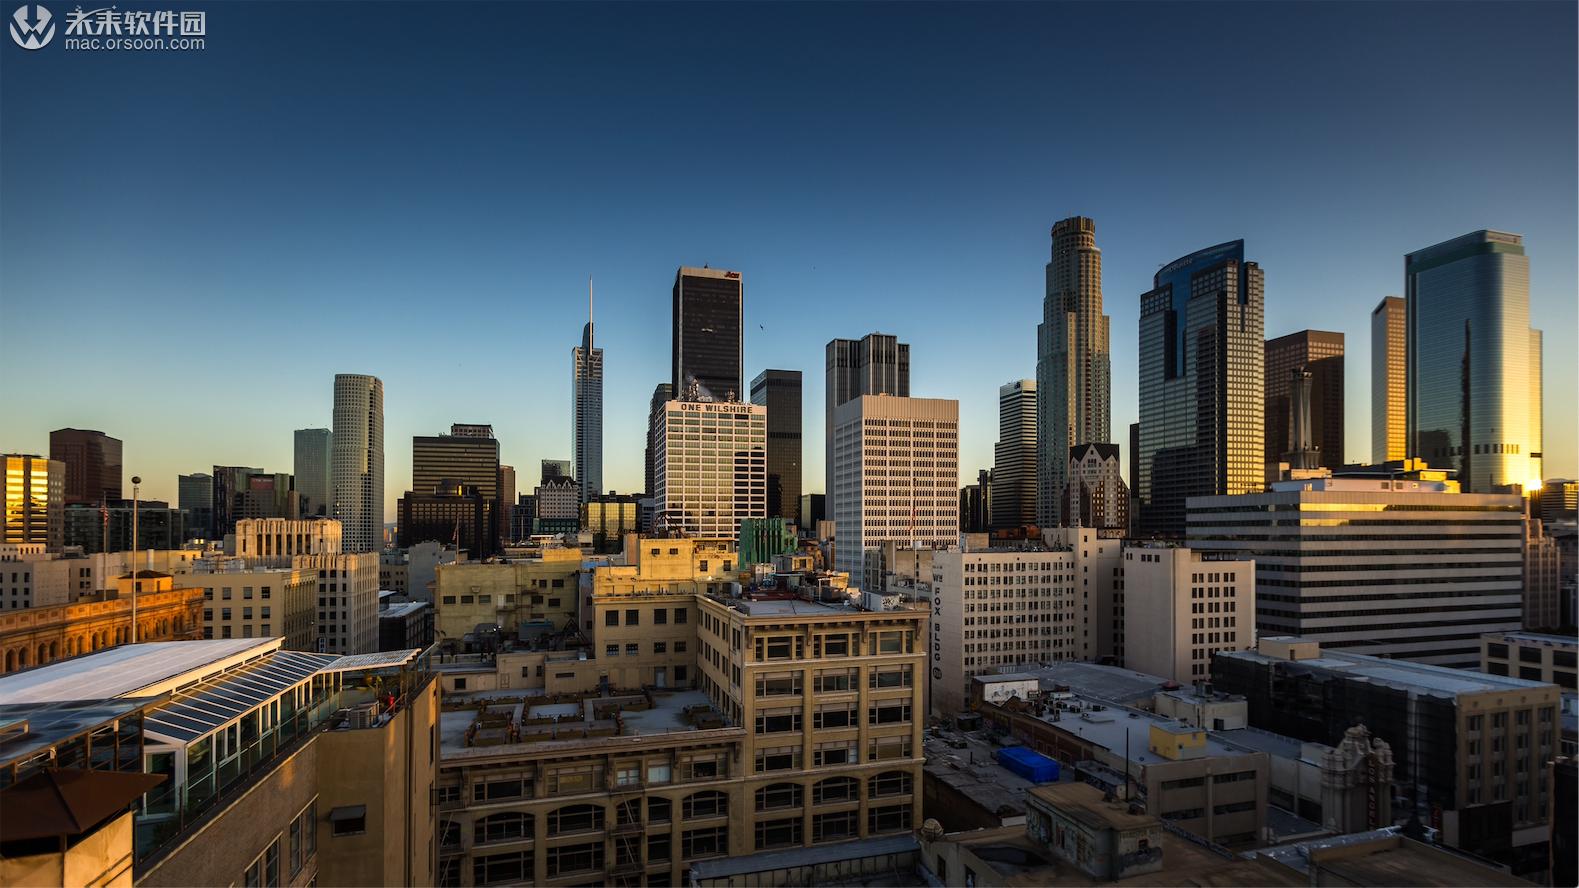 洛杉矶城市5K风景壁纸